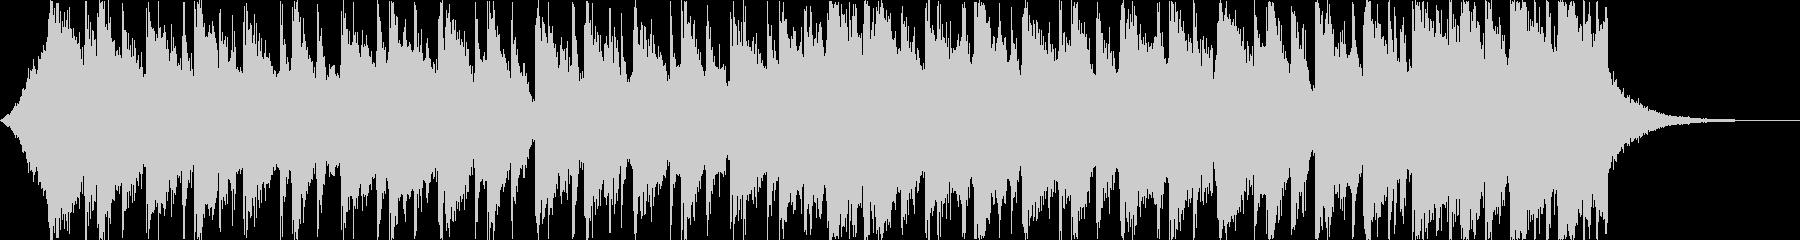 洋楽トラップヒップホップパリピEDMdの未再生の波形